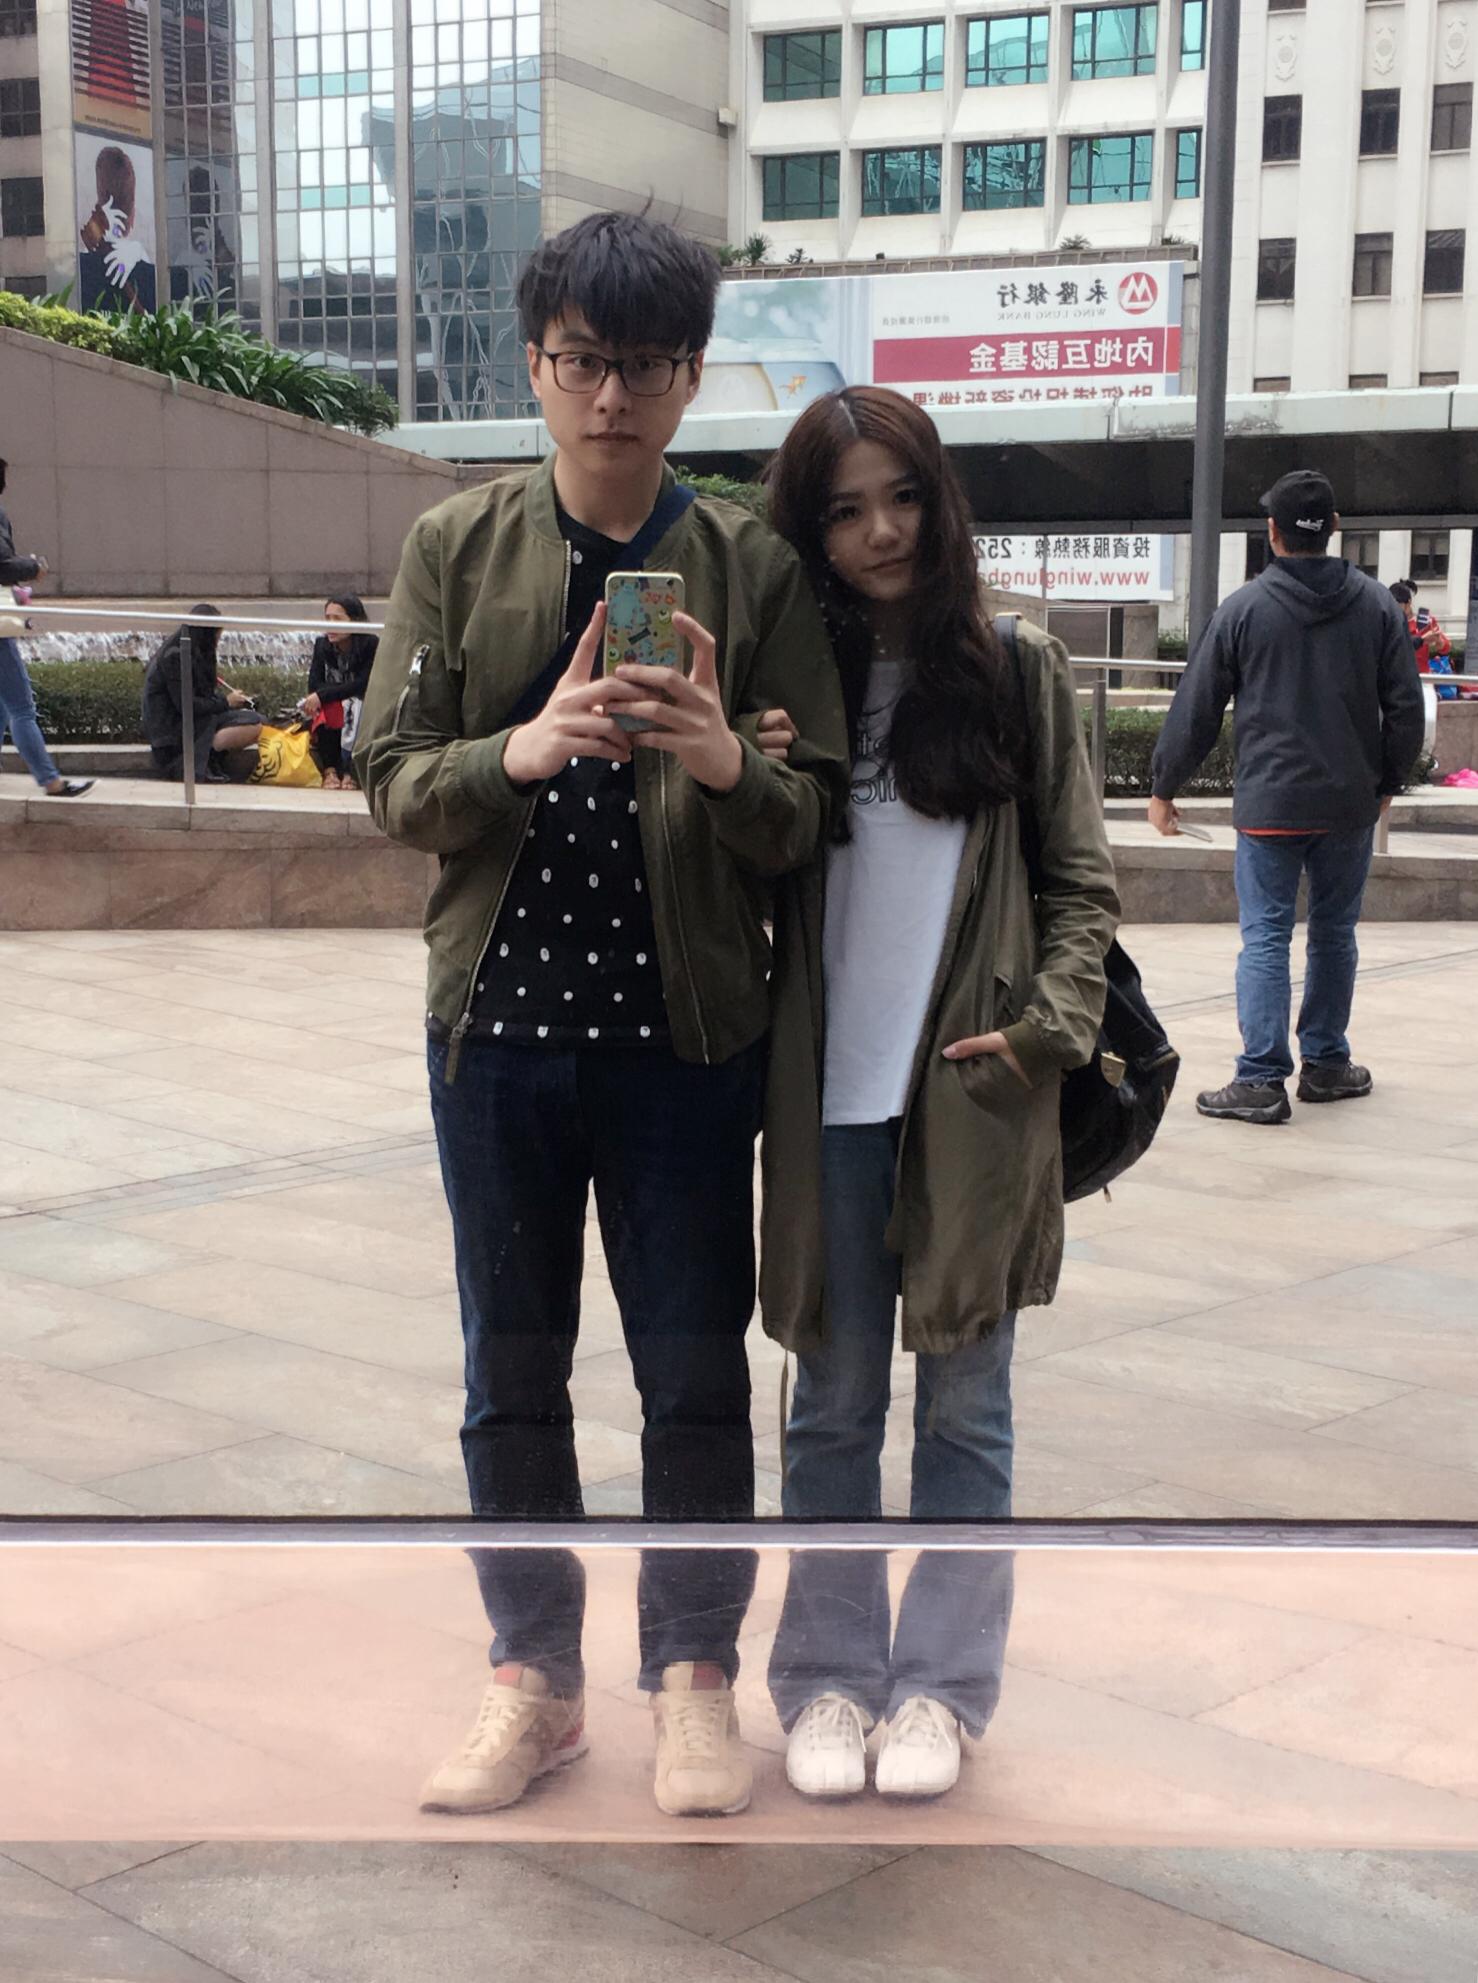 逛吃逛吃出一份爱情 的 香港行